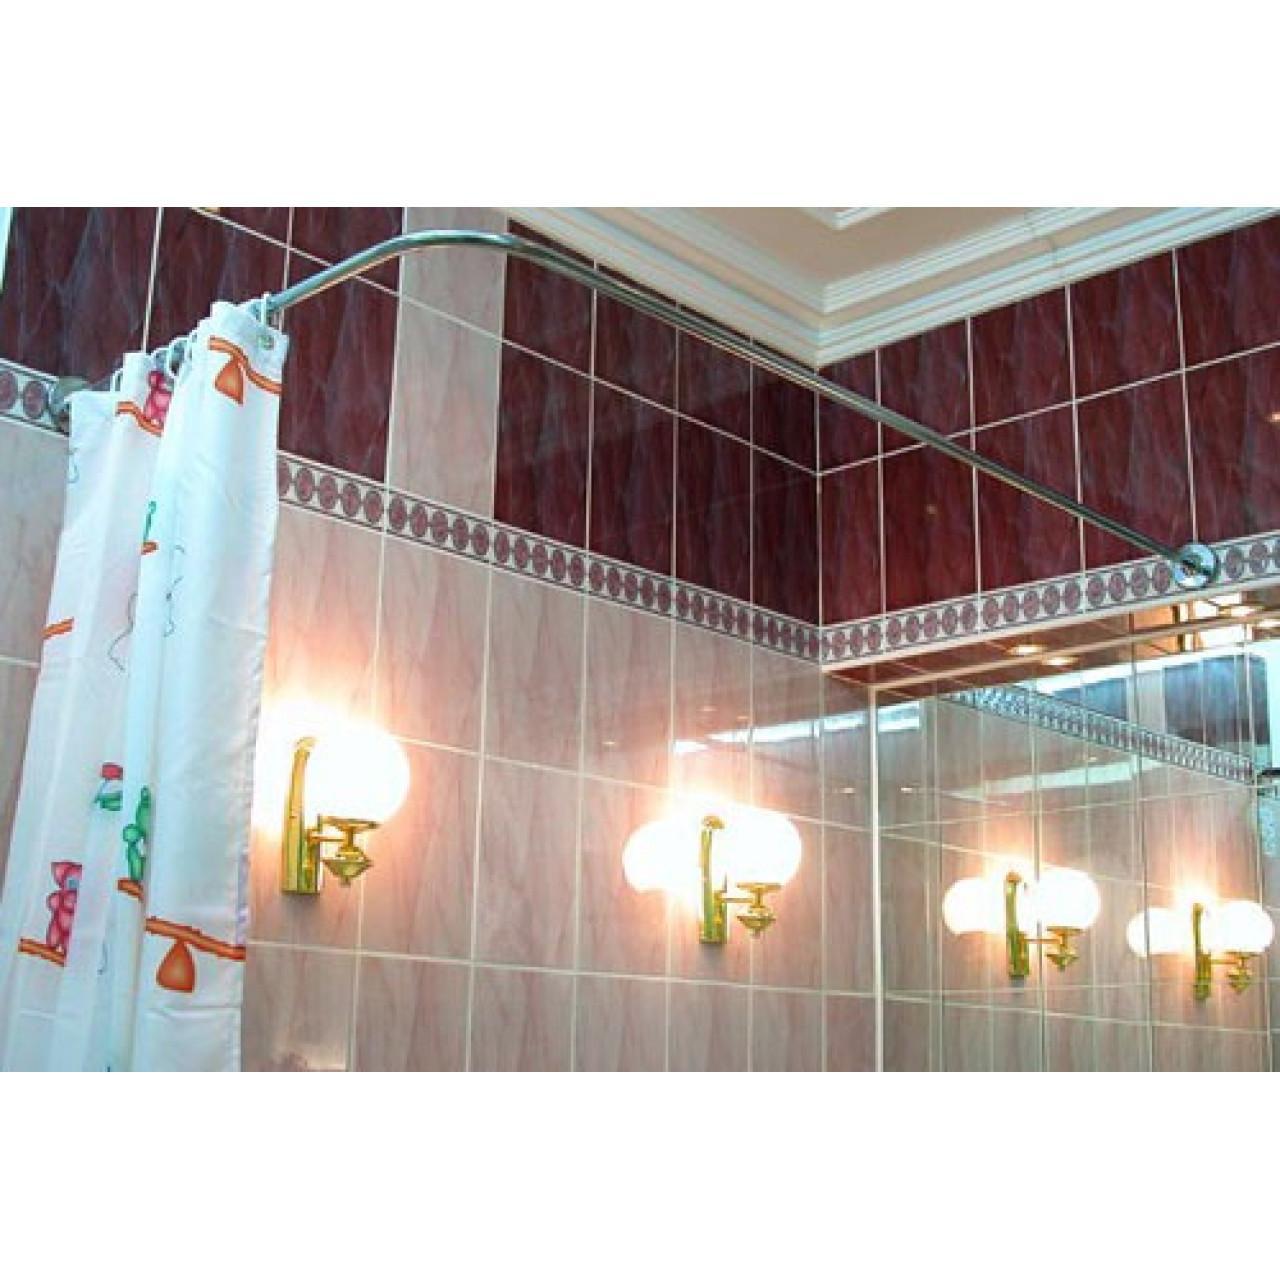 Карниз для ванны Г-образный 170x70см универсальный купить в Москве по цене от 3780р. в интернет-магазине mebel-v-vannu.ru